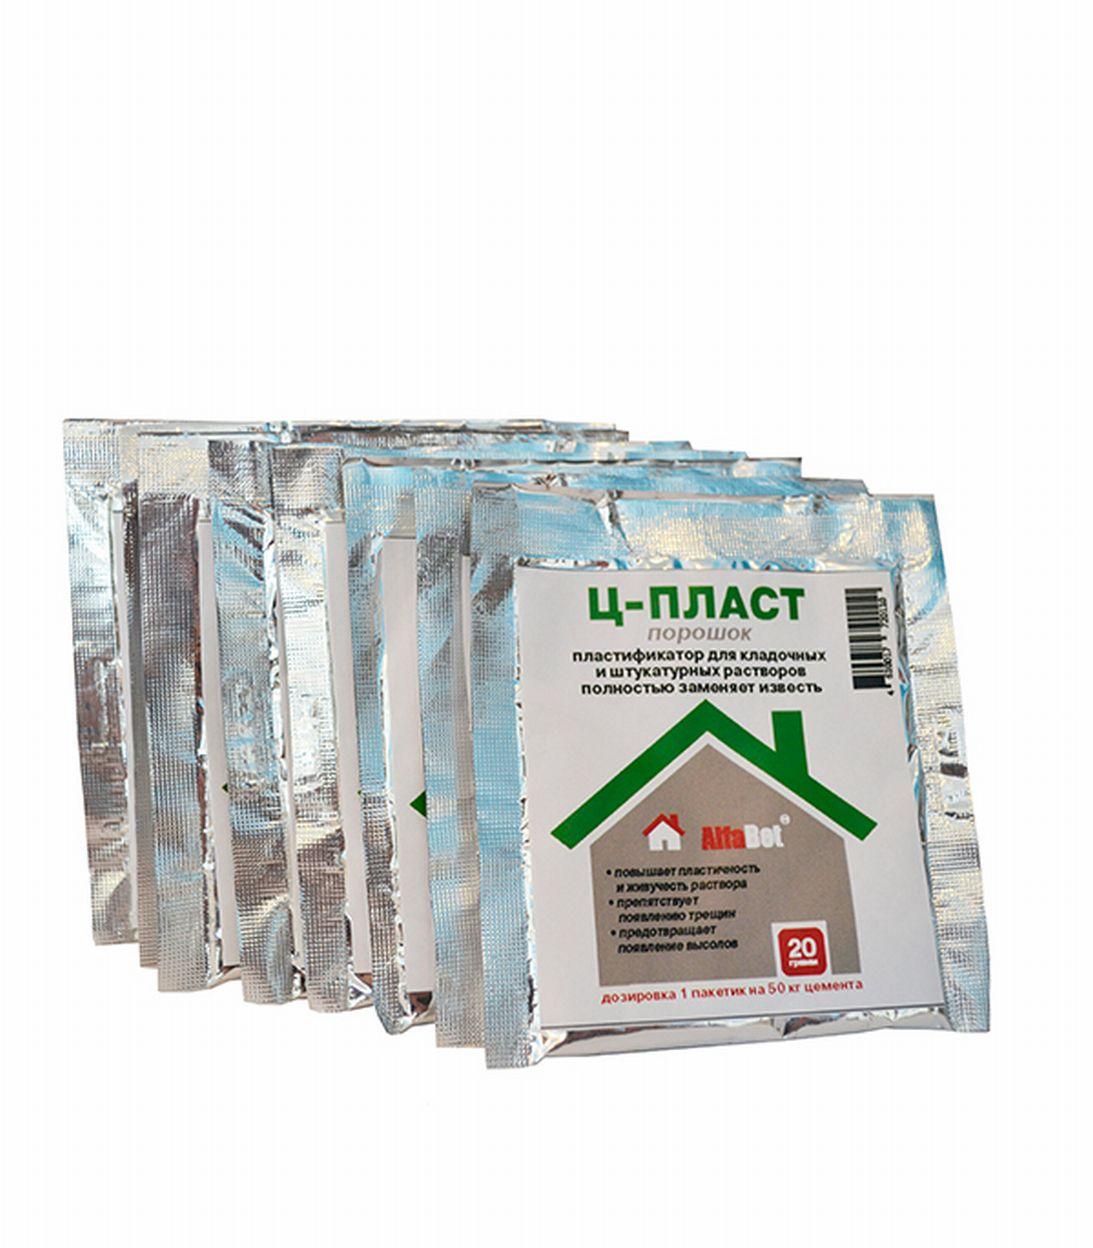 Пластификатор для кладочных и штукатурных растворов Цемплас Цементон порошок, упаковка 10 пакетов